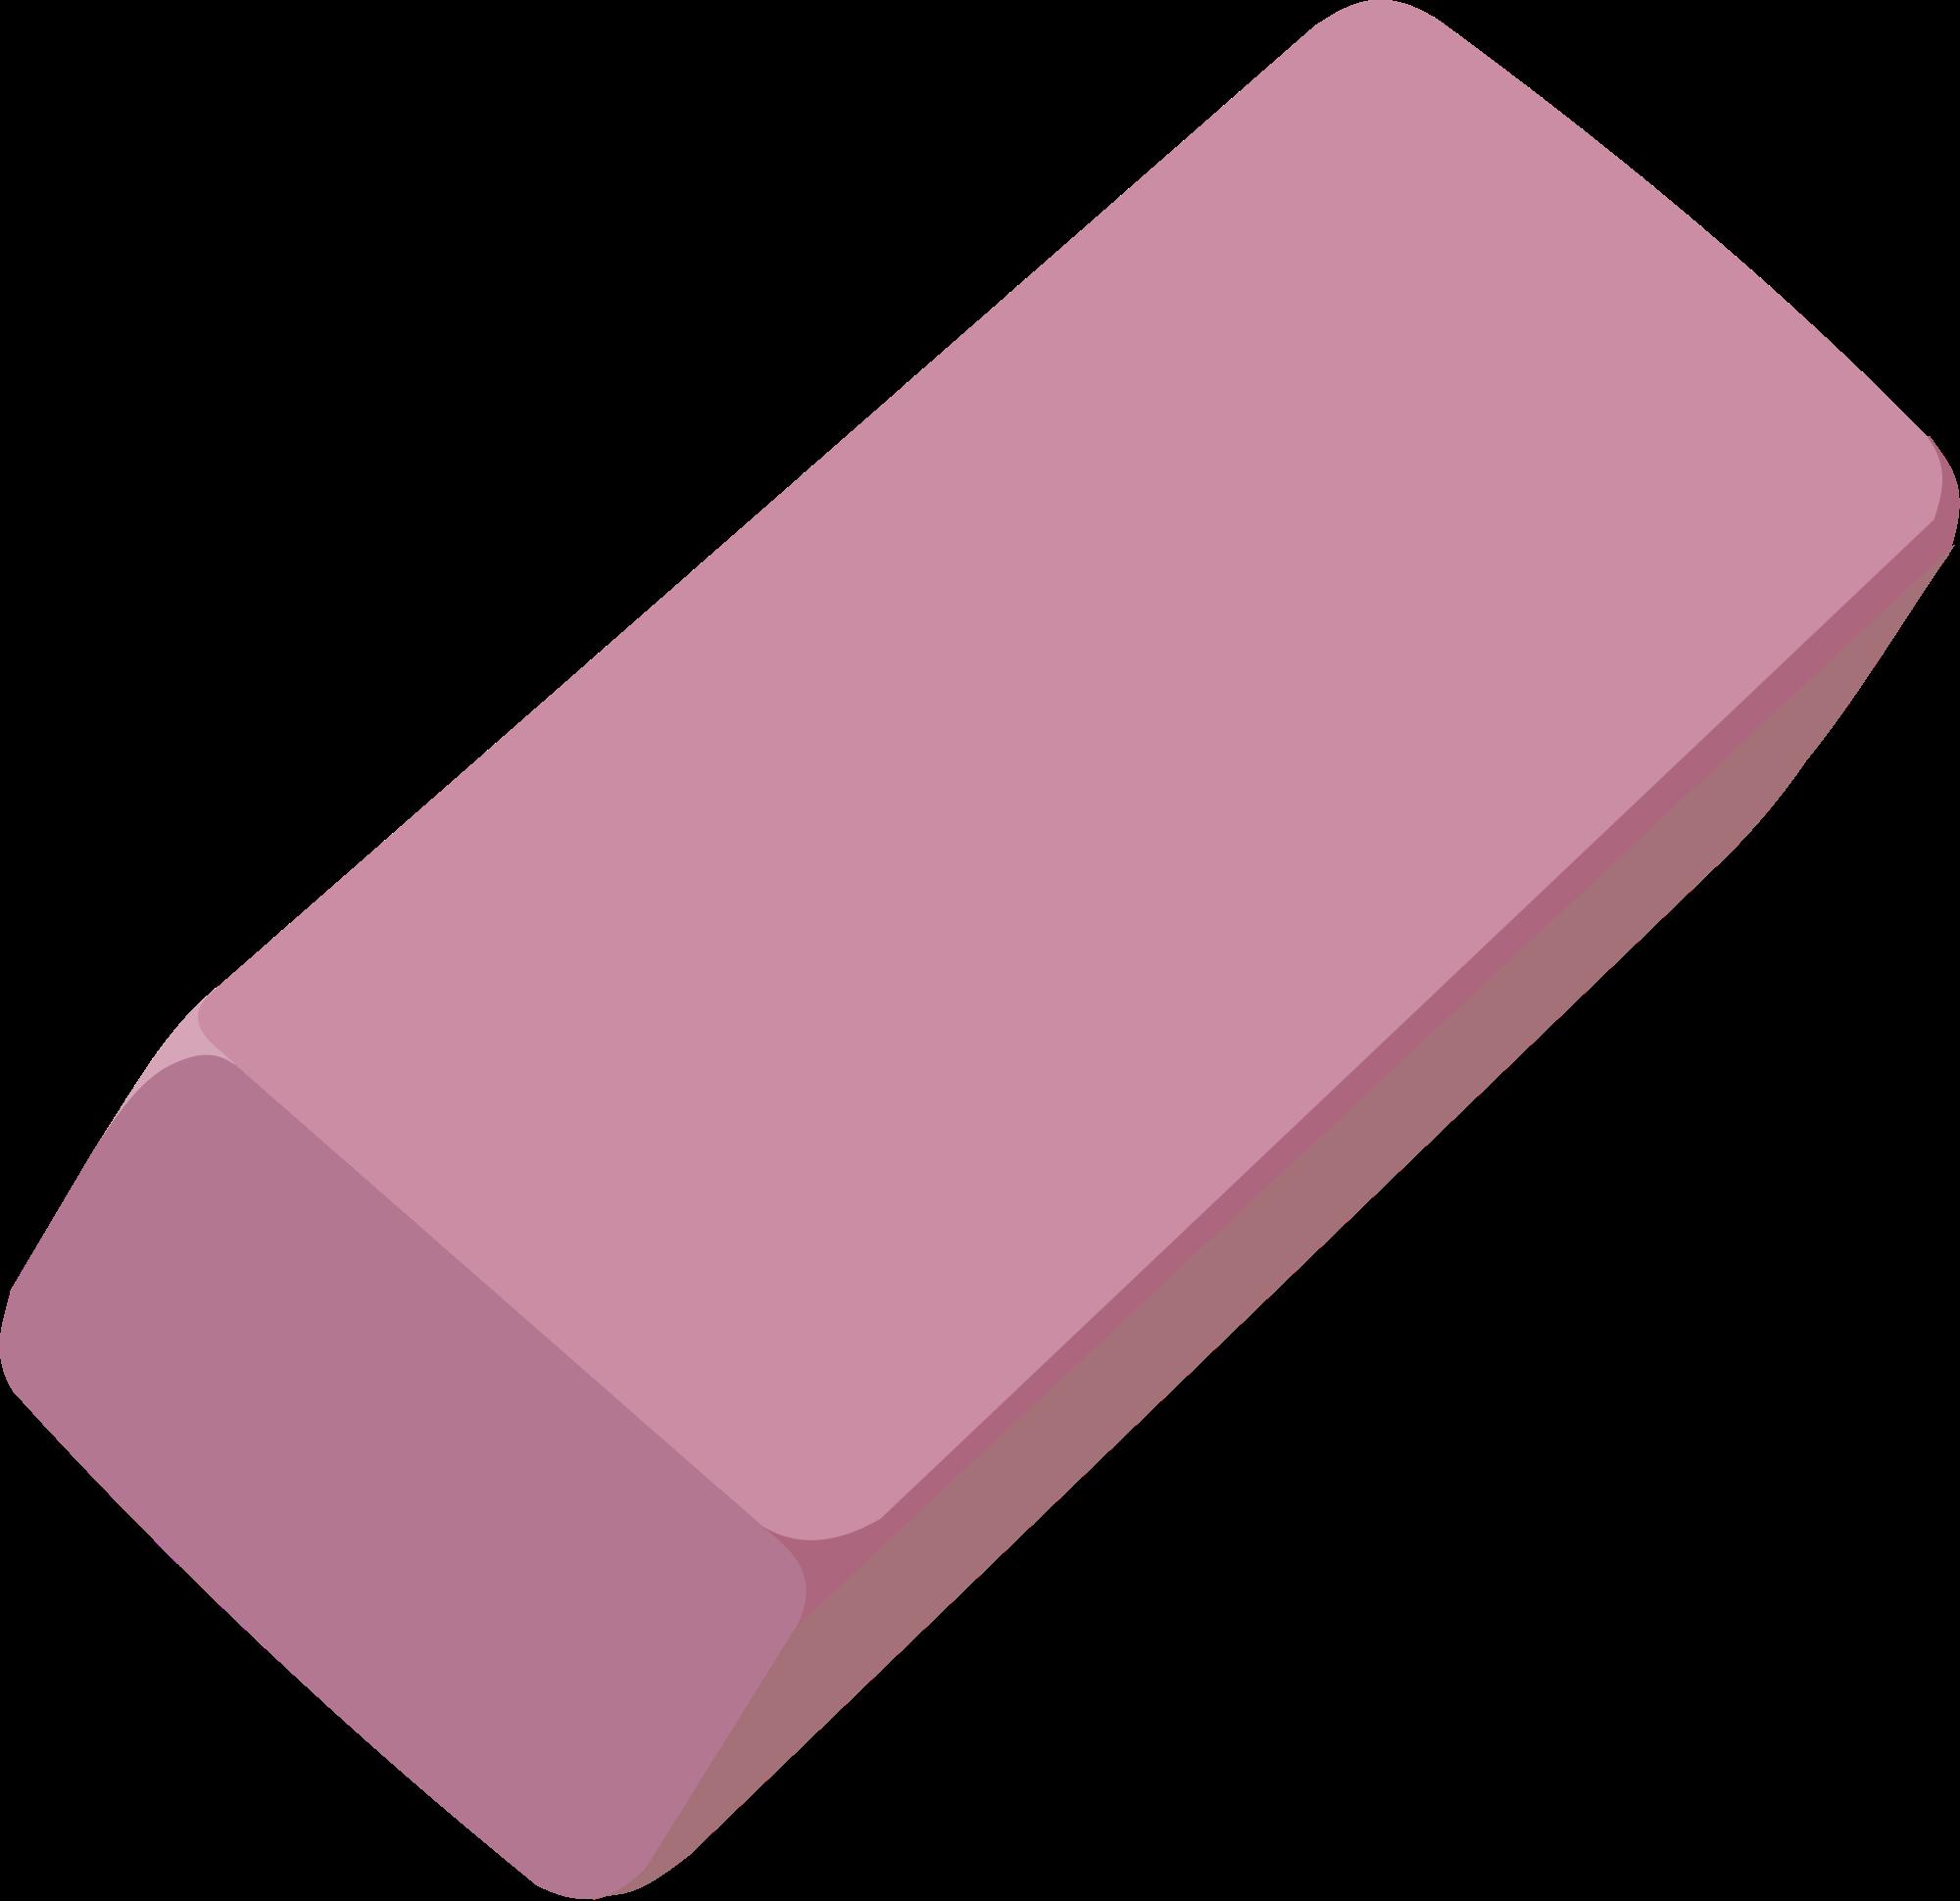 eraser clipart pink eraser